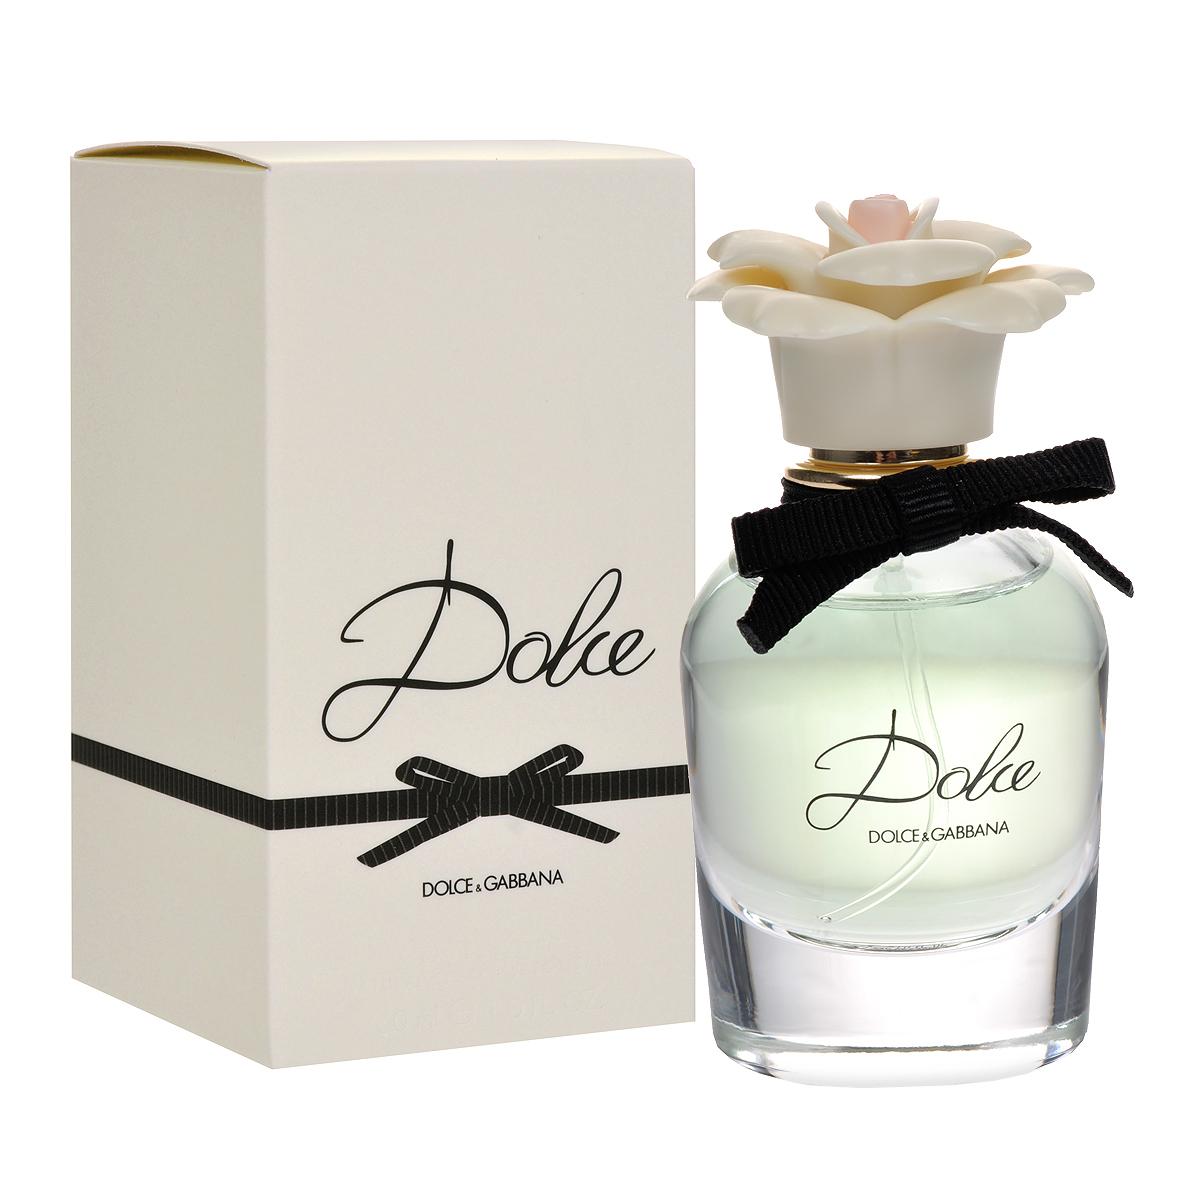 Dolce&Gabbana Парфюмерная вода Dolce, женская, 30 мл0737052746159Нежный и элегантный Dolce&Gabbana Dolce подобен изысканному и неповторимому дизайнерскому наряду, в котором каждая деталь, каждая мелочь точно выверены и идеально выполнены. В композиции аромата каждая нота звучит ярко и красиво, и вместе с тем не нарушает общей гармонии, безупречно сочетаясь с окружающими ее аккордами. Dolce&Gabbana Dolce - гимн женственности и изящности. Покоряющий плавностью своих линий флакон сделан из прозрачного стекла и увенчан стильным «марципановым цветком» - визитной карточкой лучших сицилийских кондитеров. Аромат открывается свежестью нероли и цветов папайи. Средние ноты состоят из белых амариллиса, нарцисса и лилии. База обволакивает кашемиром и мускусом, дающими ощущение мягкости. Классификация аромата: цветочный. Товар сертифицирован.